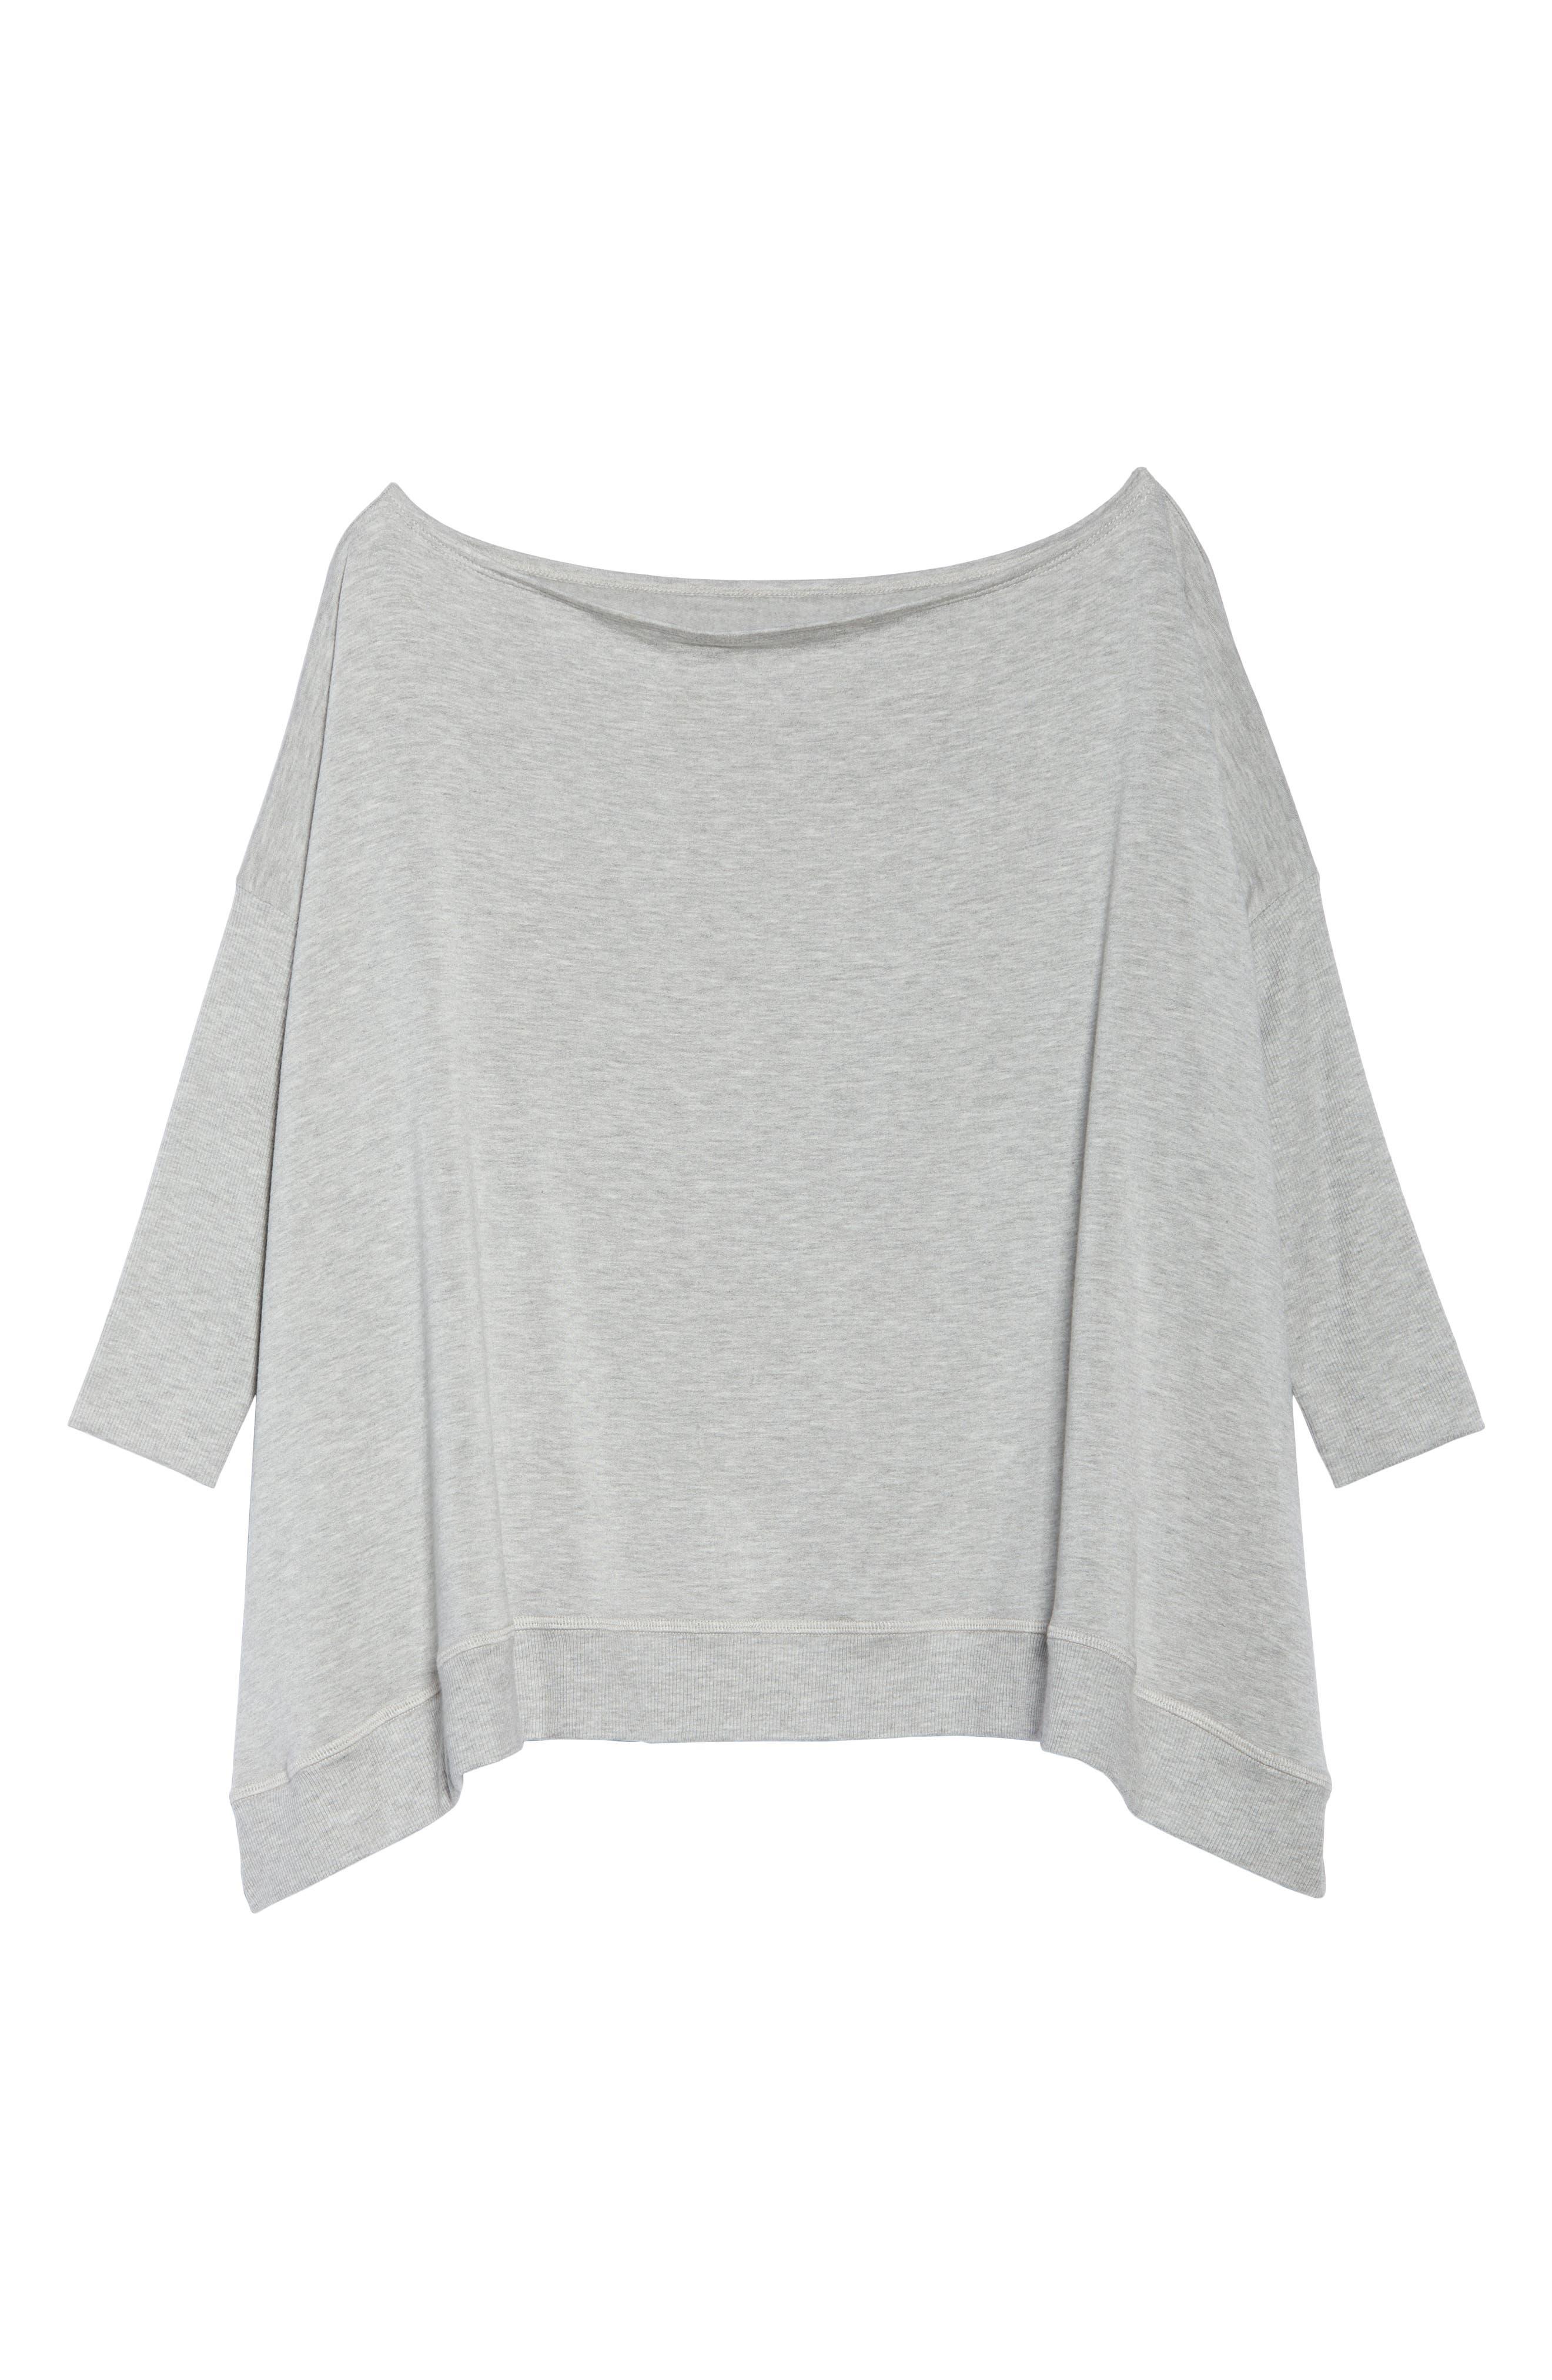 'Cozy' Convertible Fleece Pullover,                             Alternate thumbnail 8, color,                             Light Heather Gray